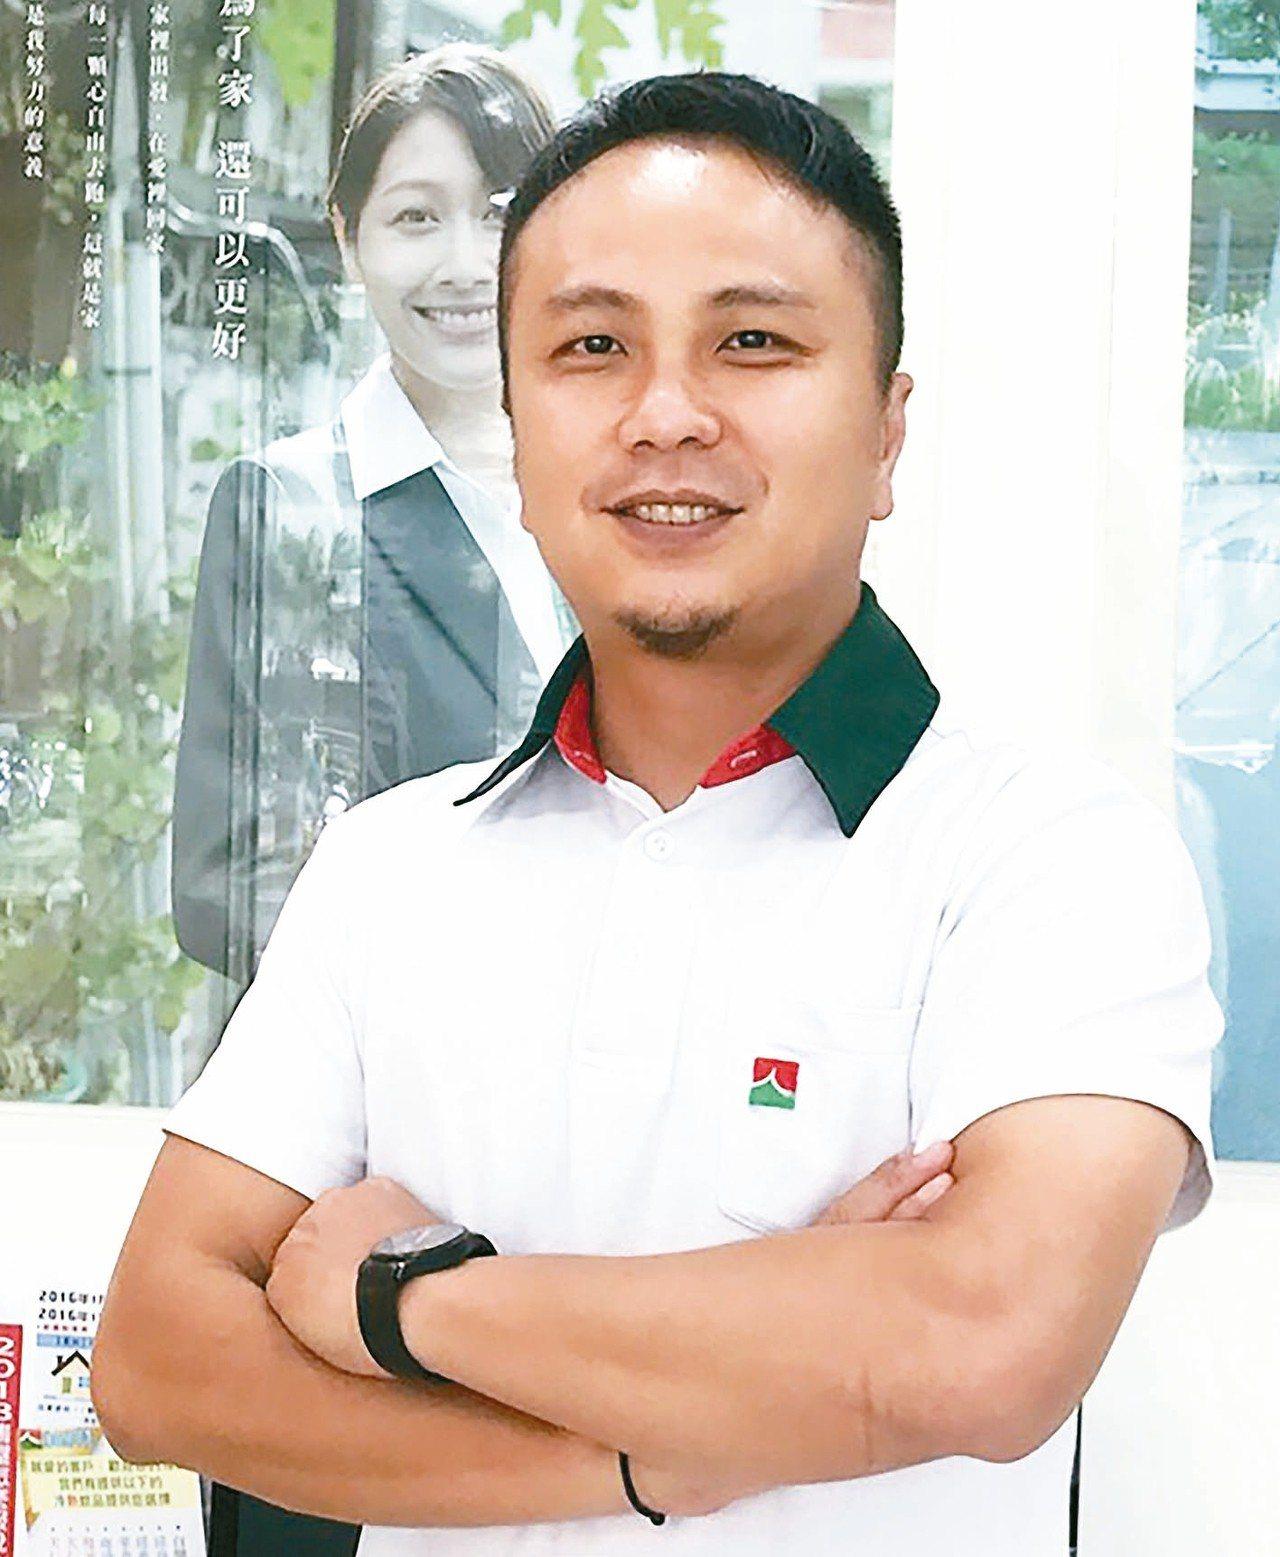 吳銘彰(信義房屋灣區獅甲店),年齡:42歲,入行年資:15年。